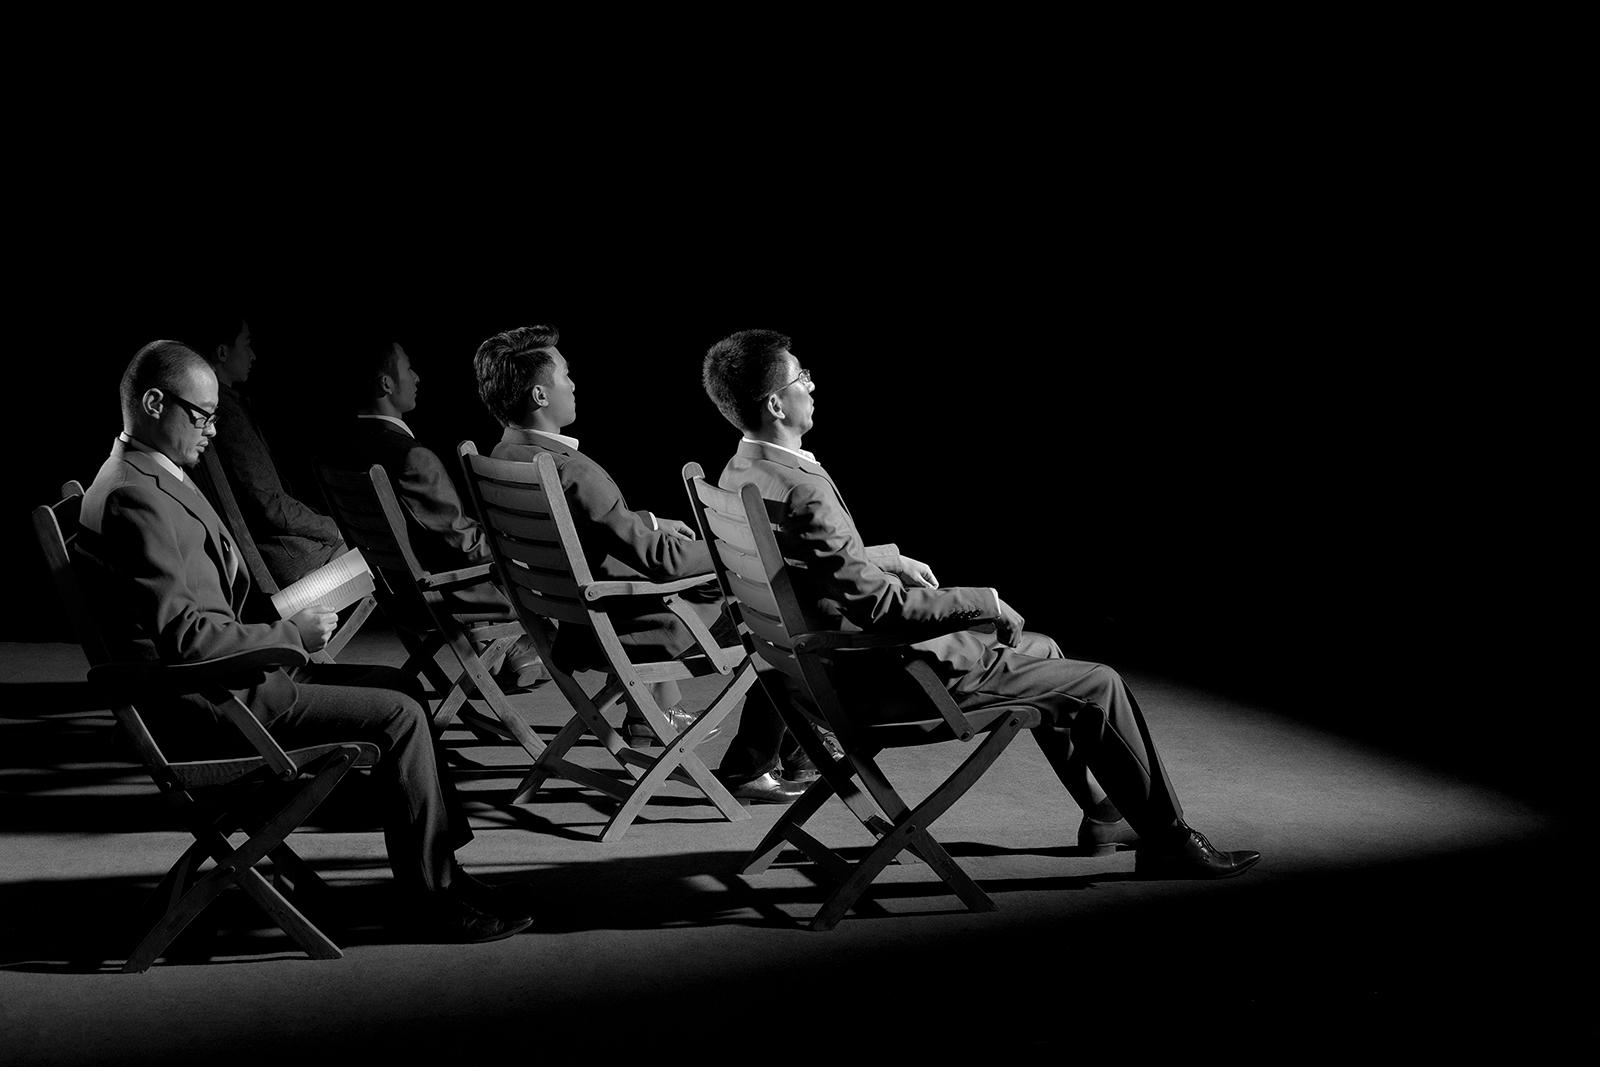 Arty, Super-Arty , 2013. Film still.